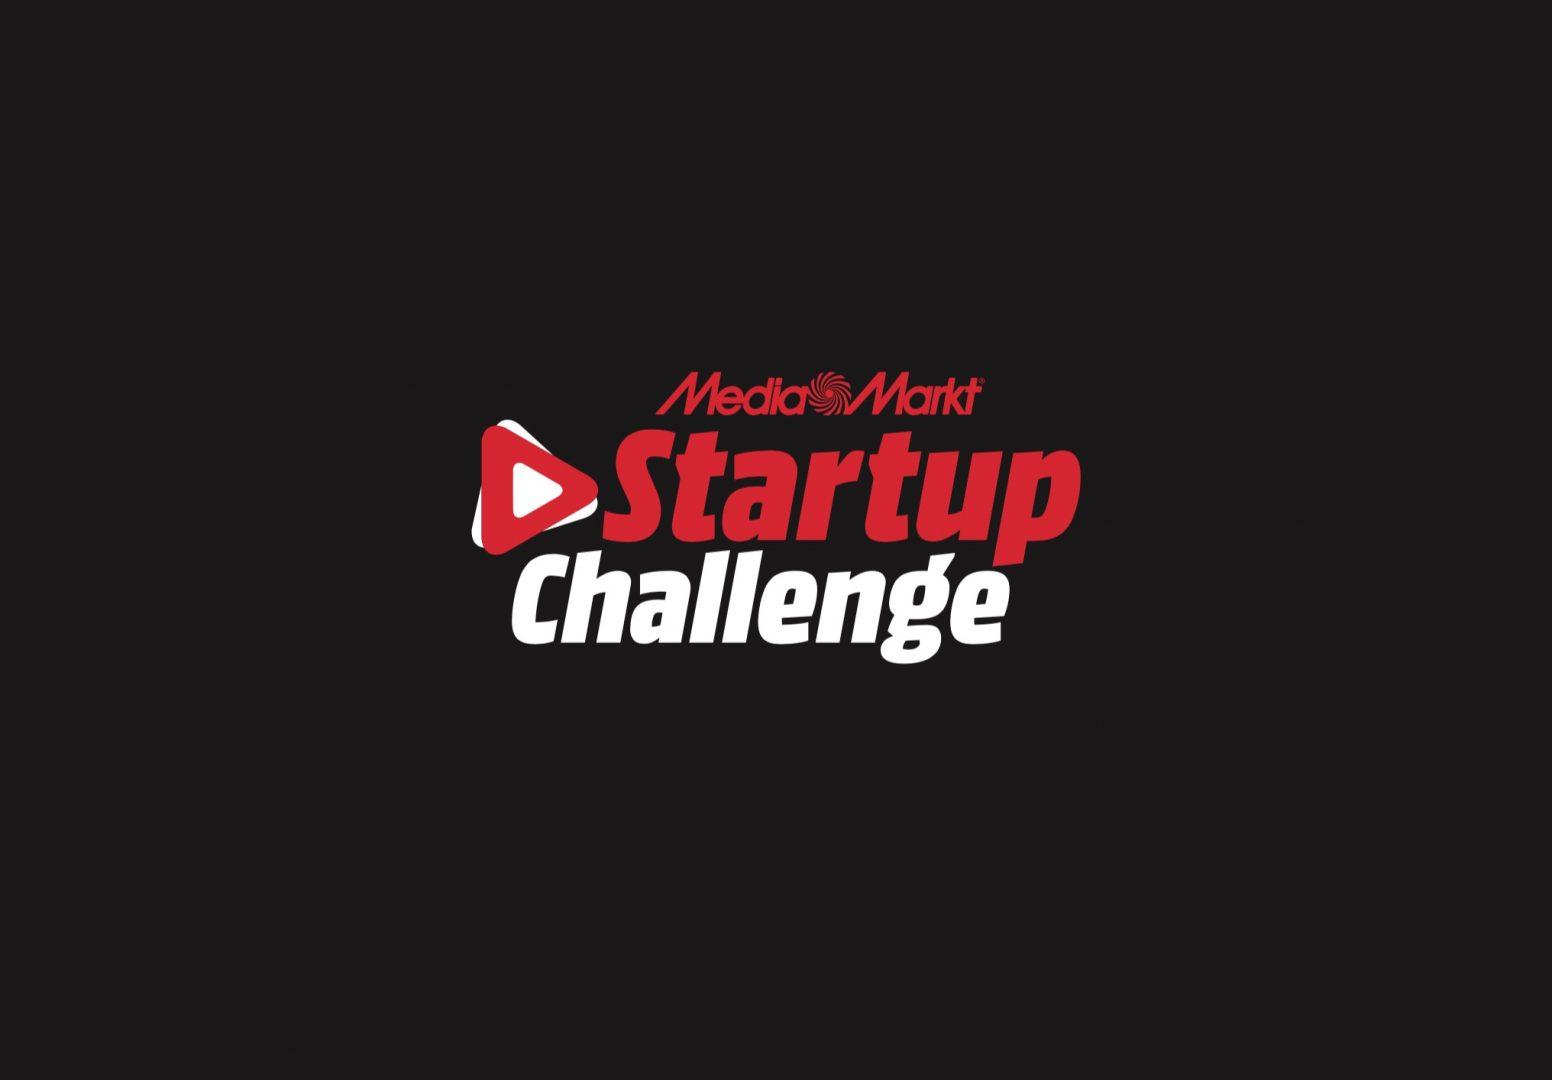 Media Markt Start Up Challenge